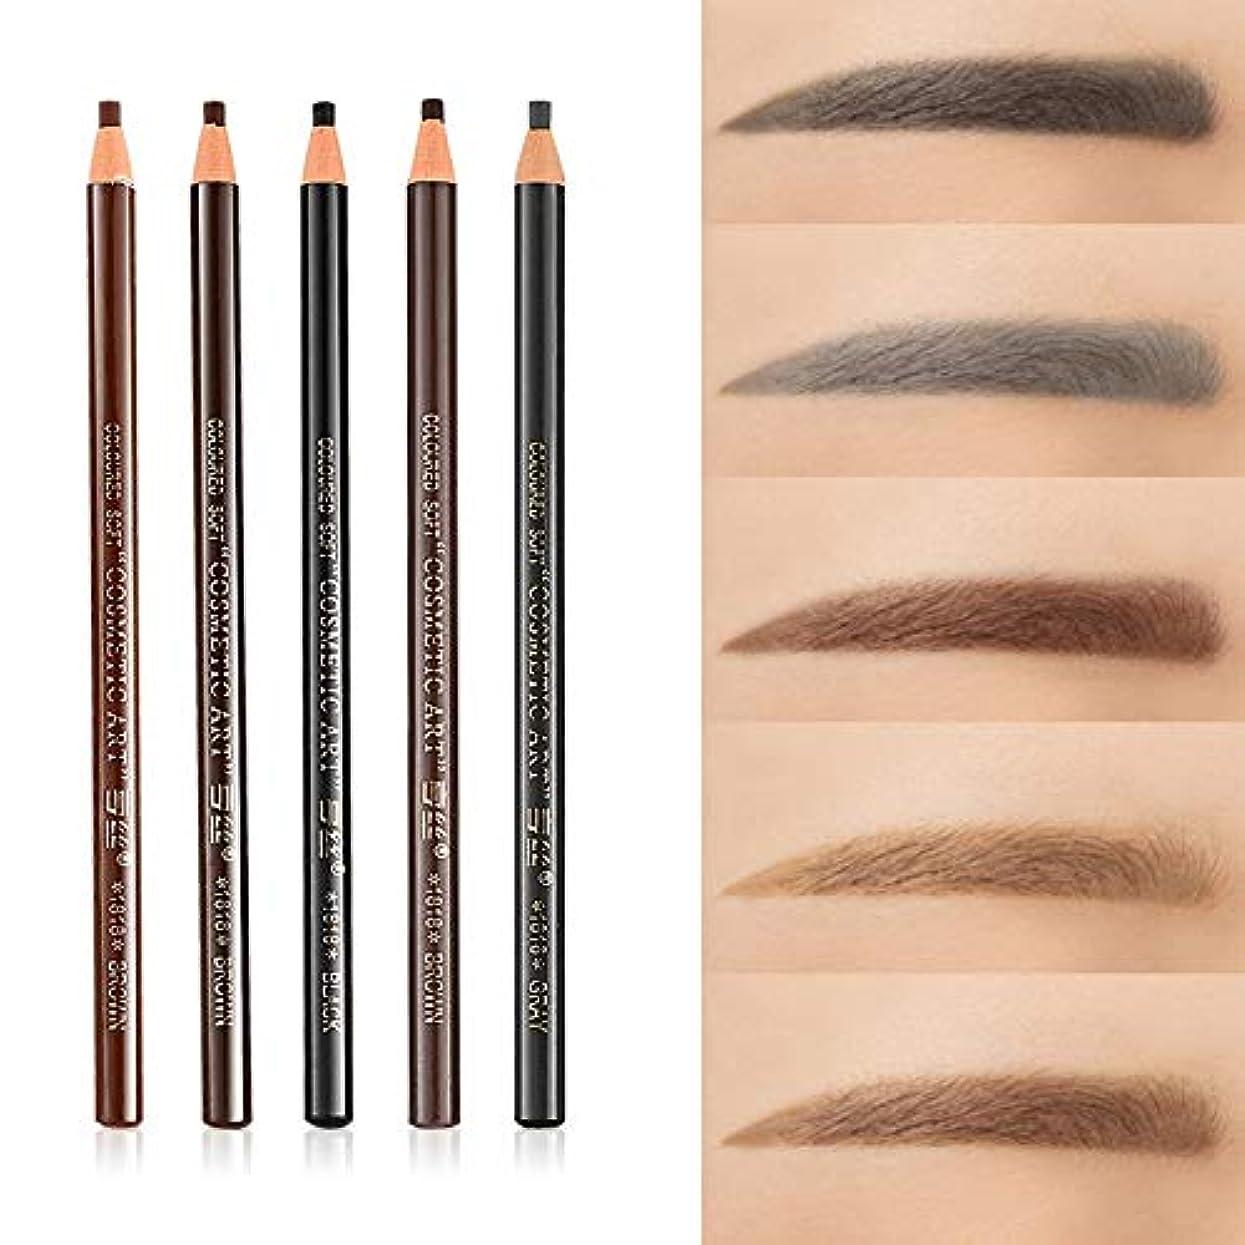 関税重なるラショナル美容アクセサリー 5 PCS 5色防水汗止め眉毛鉛筆色眉毛ペンツール 写真美容アクセサリー